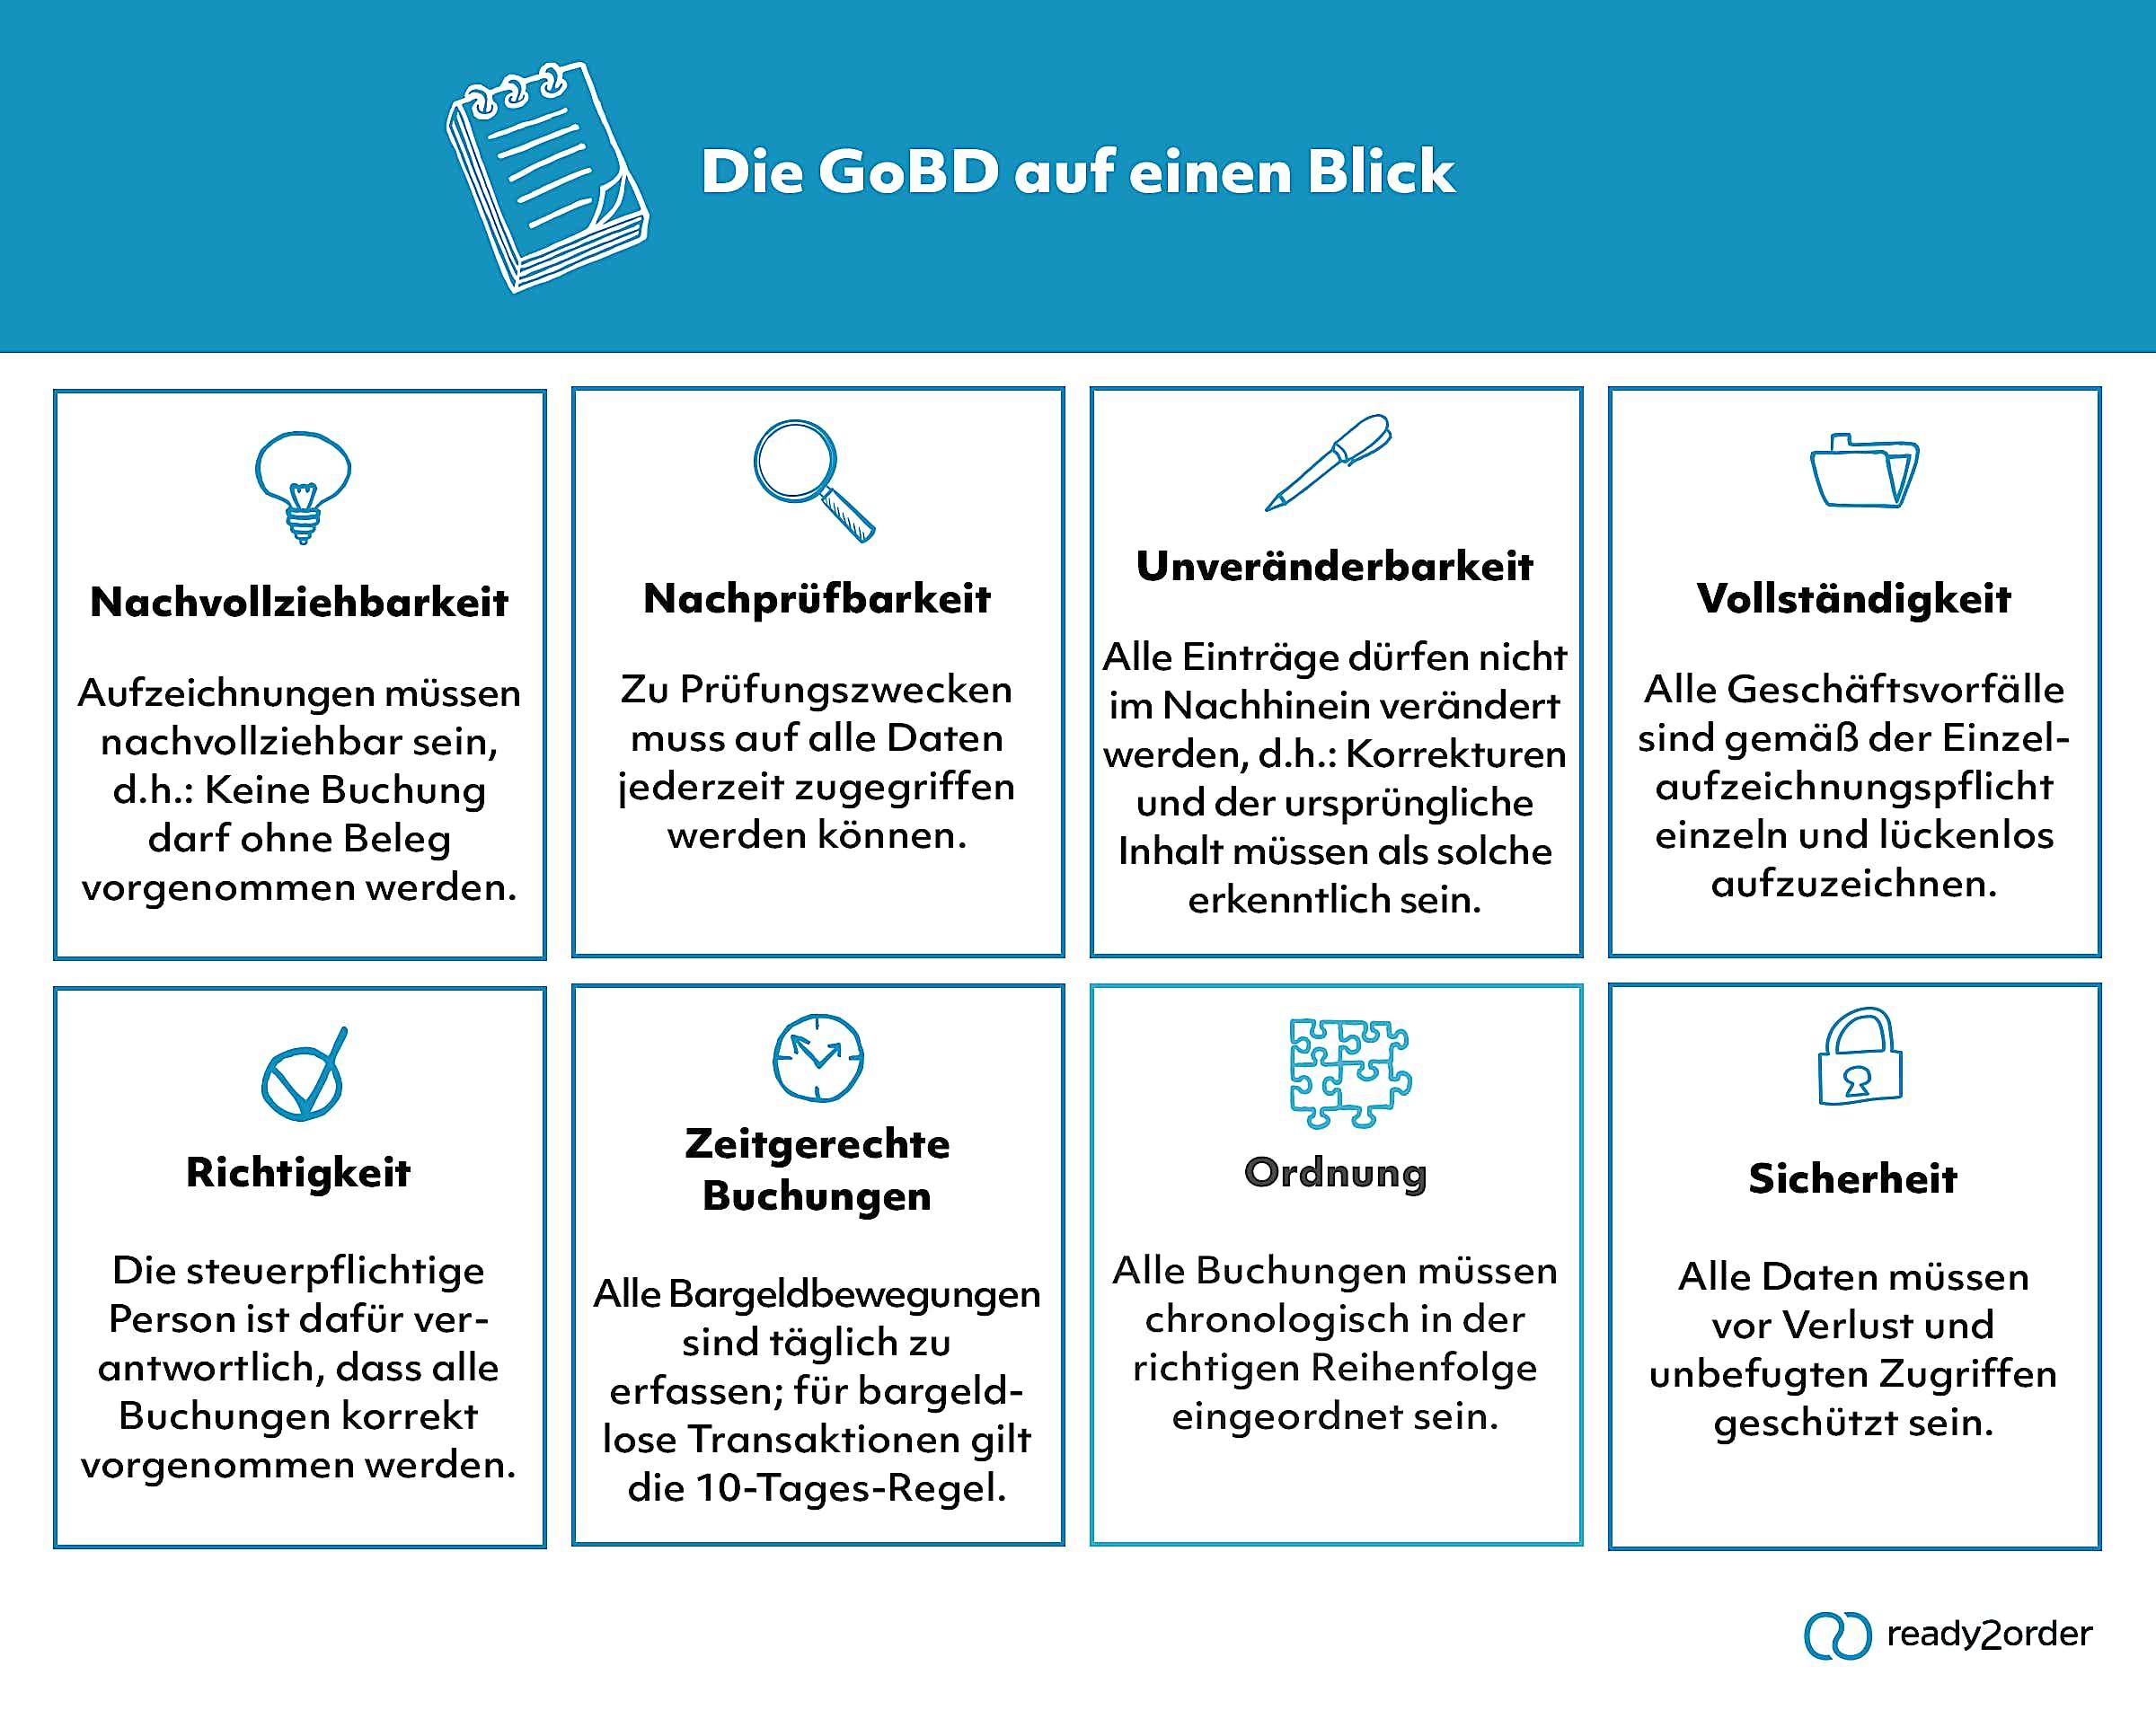 Hier findest Du die wichtigsten Eigenschaften der GoBD.